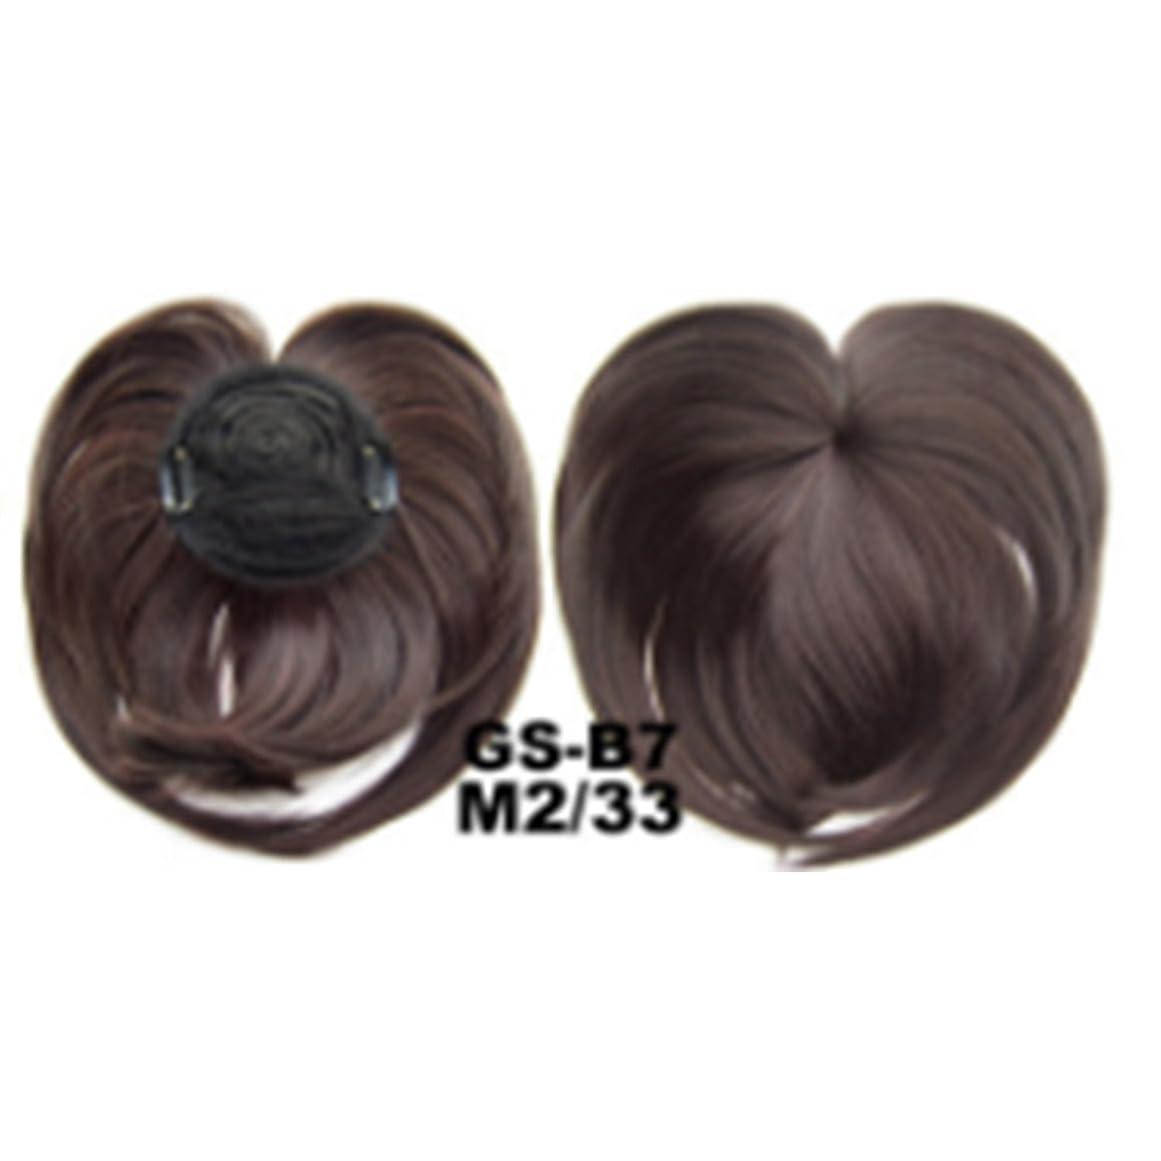 花火報告書資本Koloeplf 130gヘアエクステンション渦巻く劉海毛のタイプのウィッグのピースナチュラルカラー (Color : GS-M2/33#)